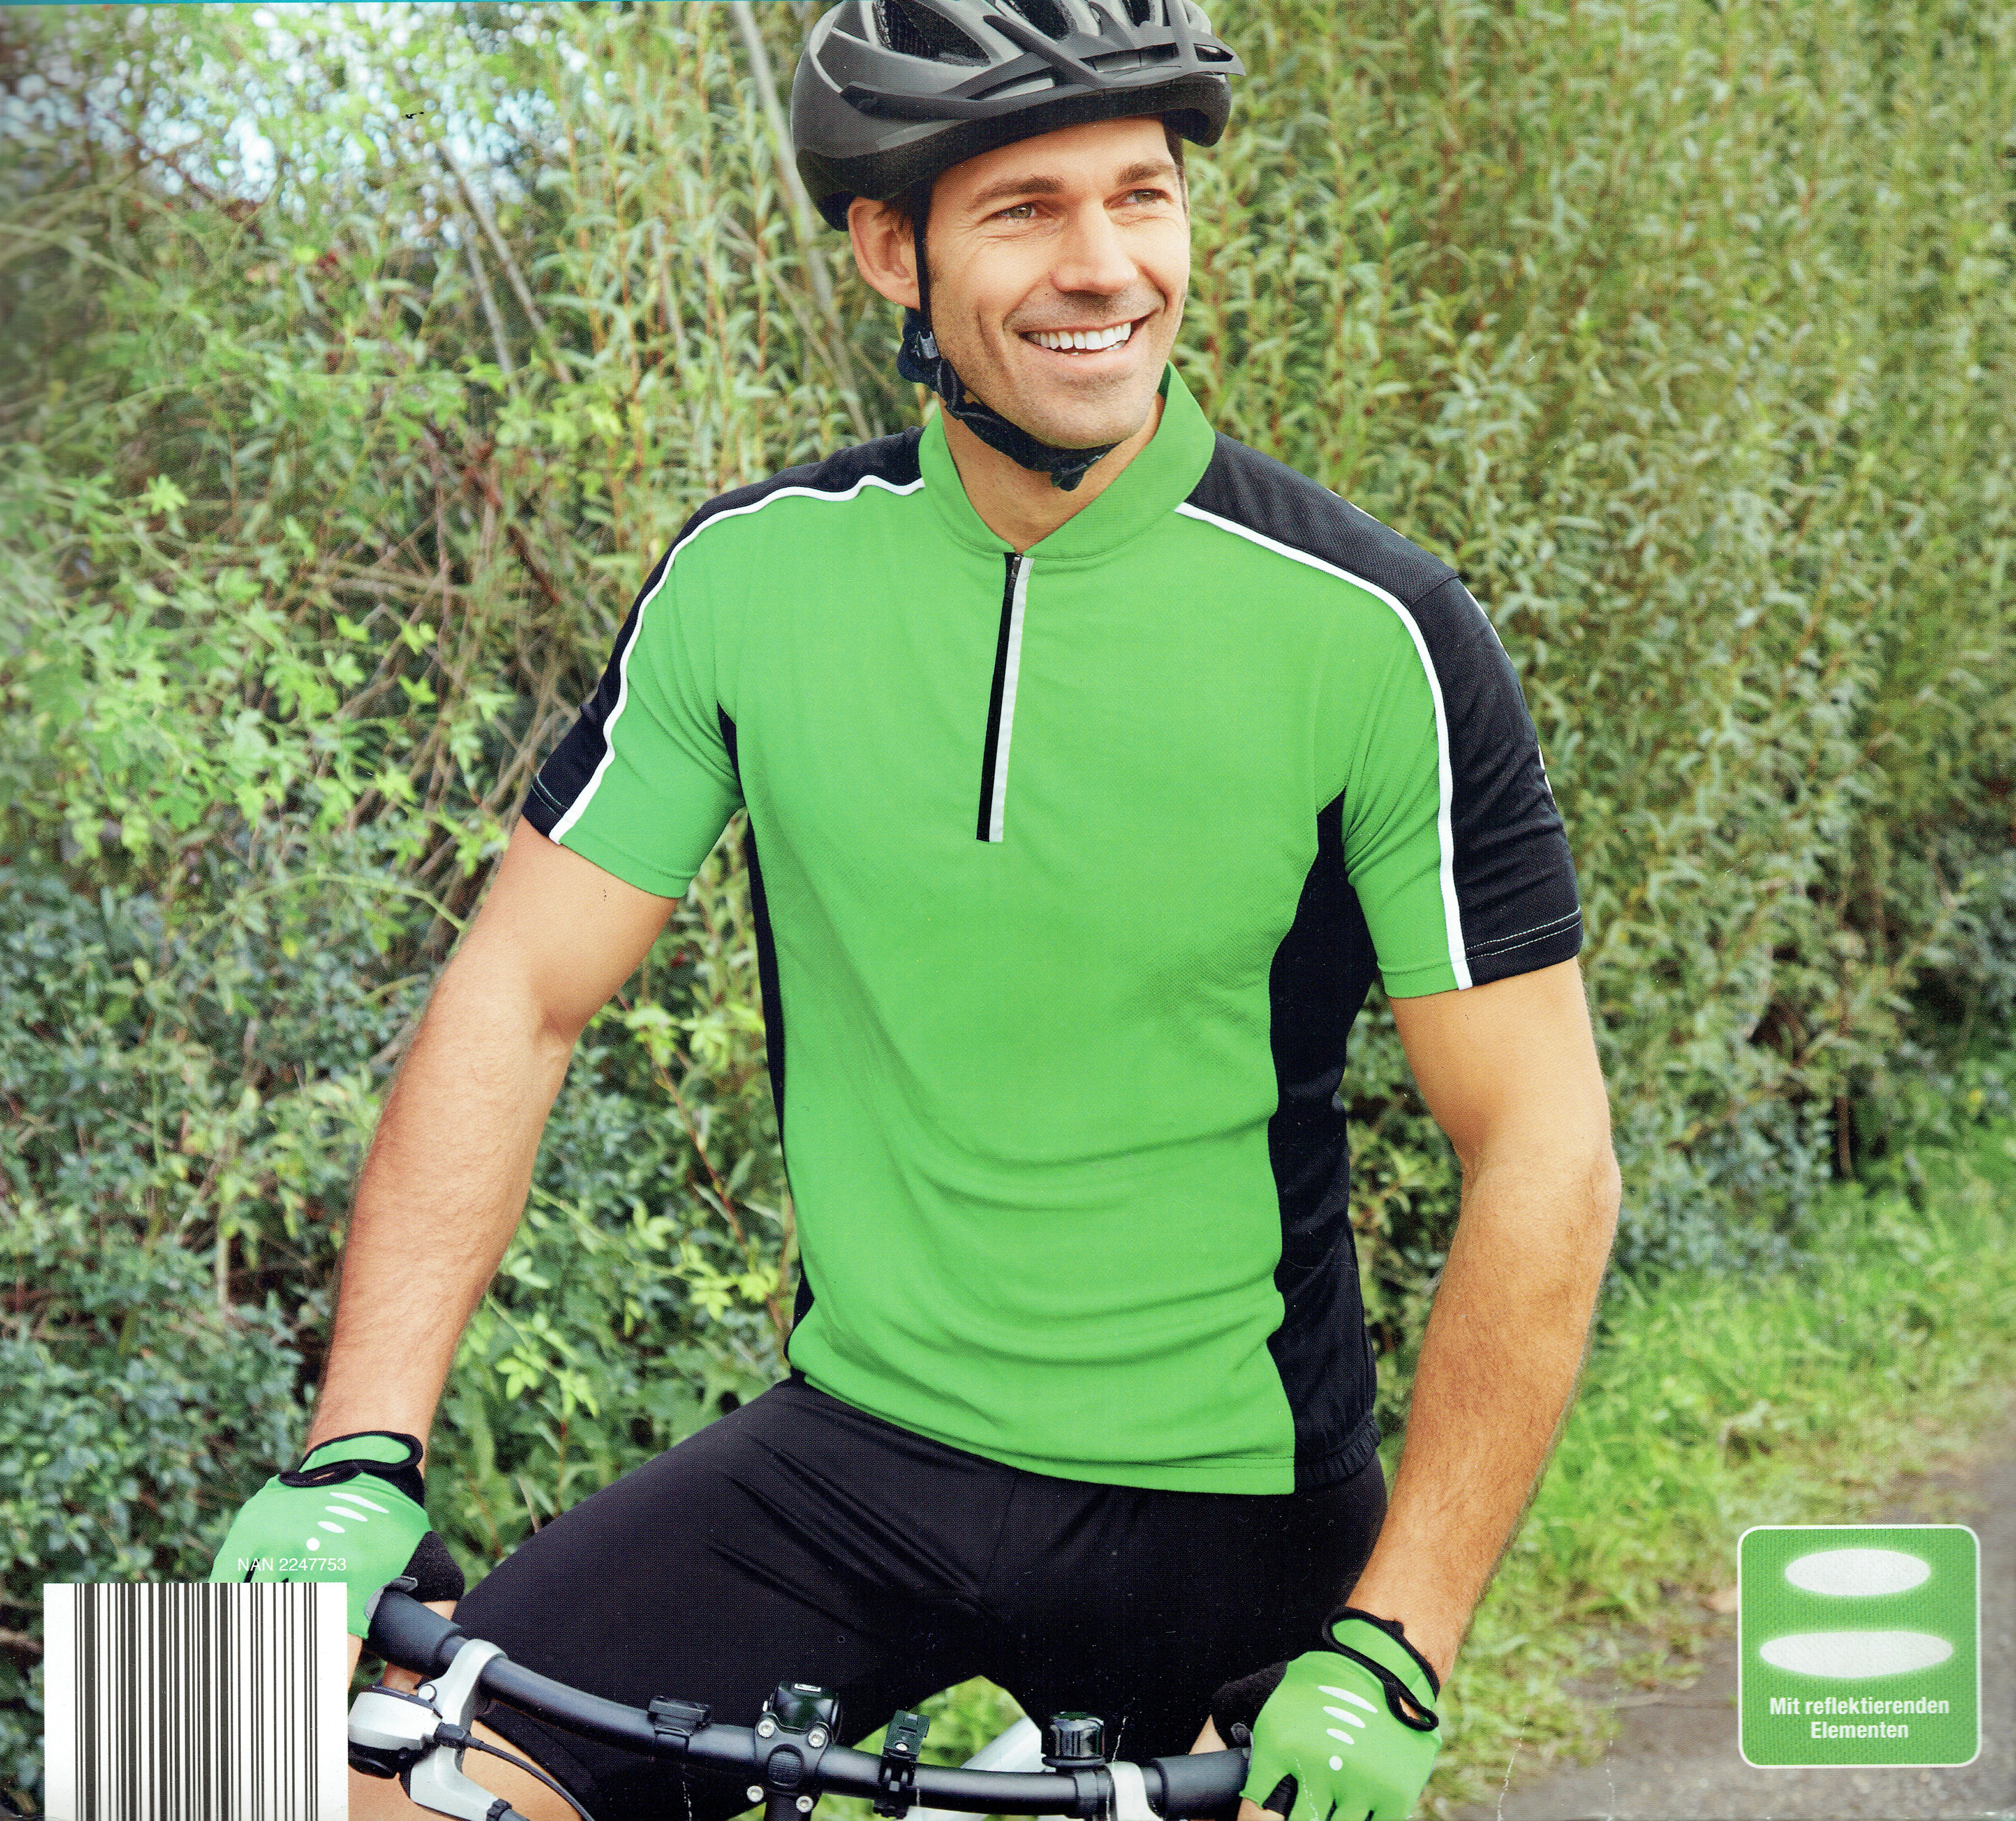 Herren-Fahrradshirt-Sport-Freizeit-reflektierende-Elemente-Reissverschluss-OkoTex Indexbild 3